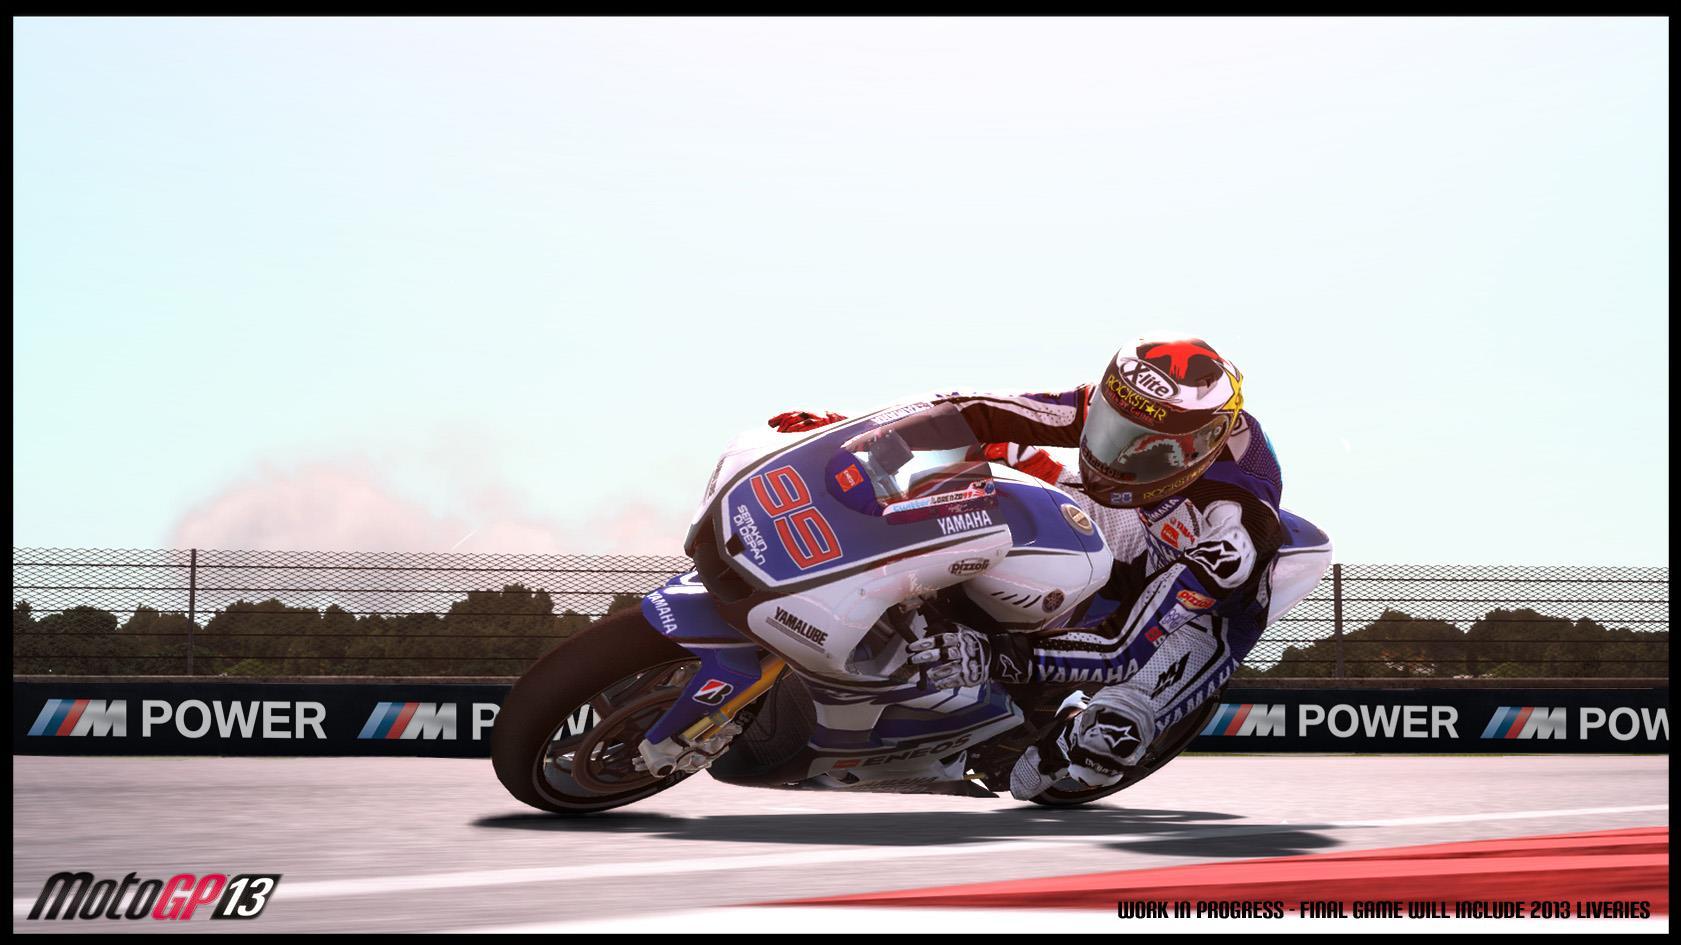 New MotoGP '13 screenshots finally feature bikes